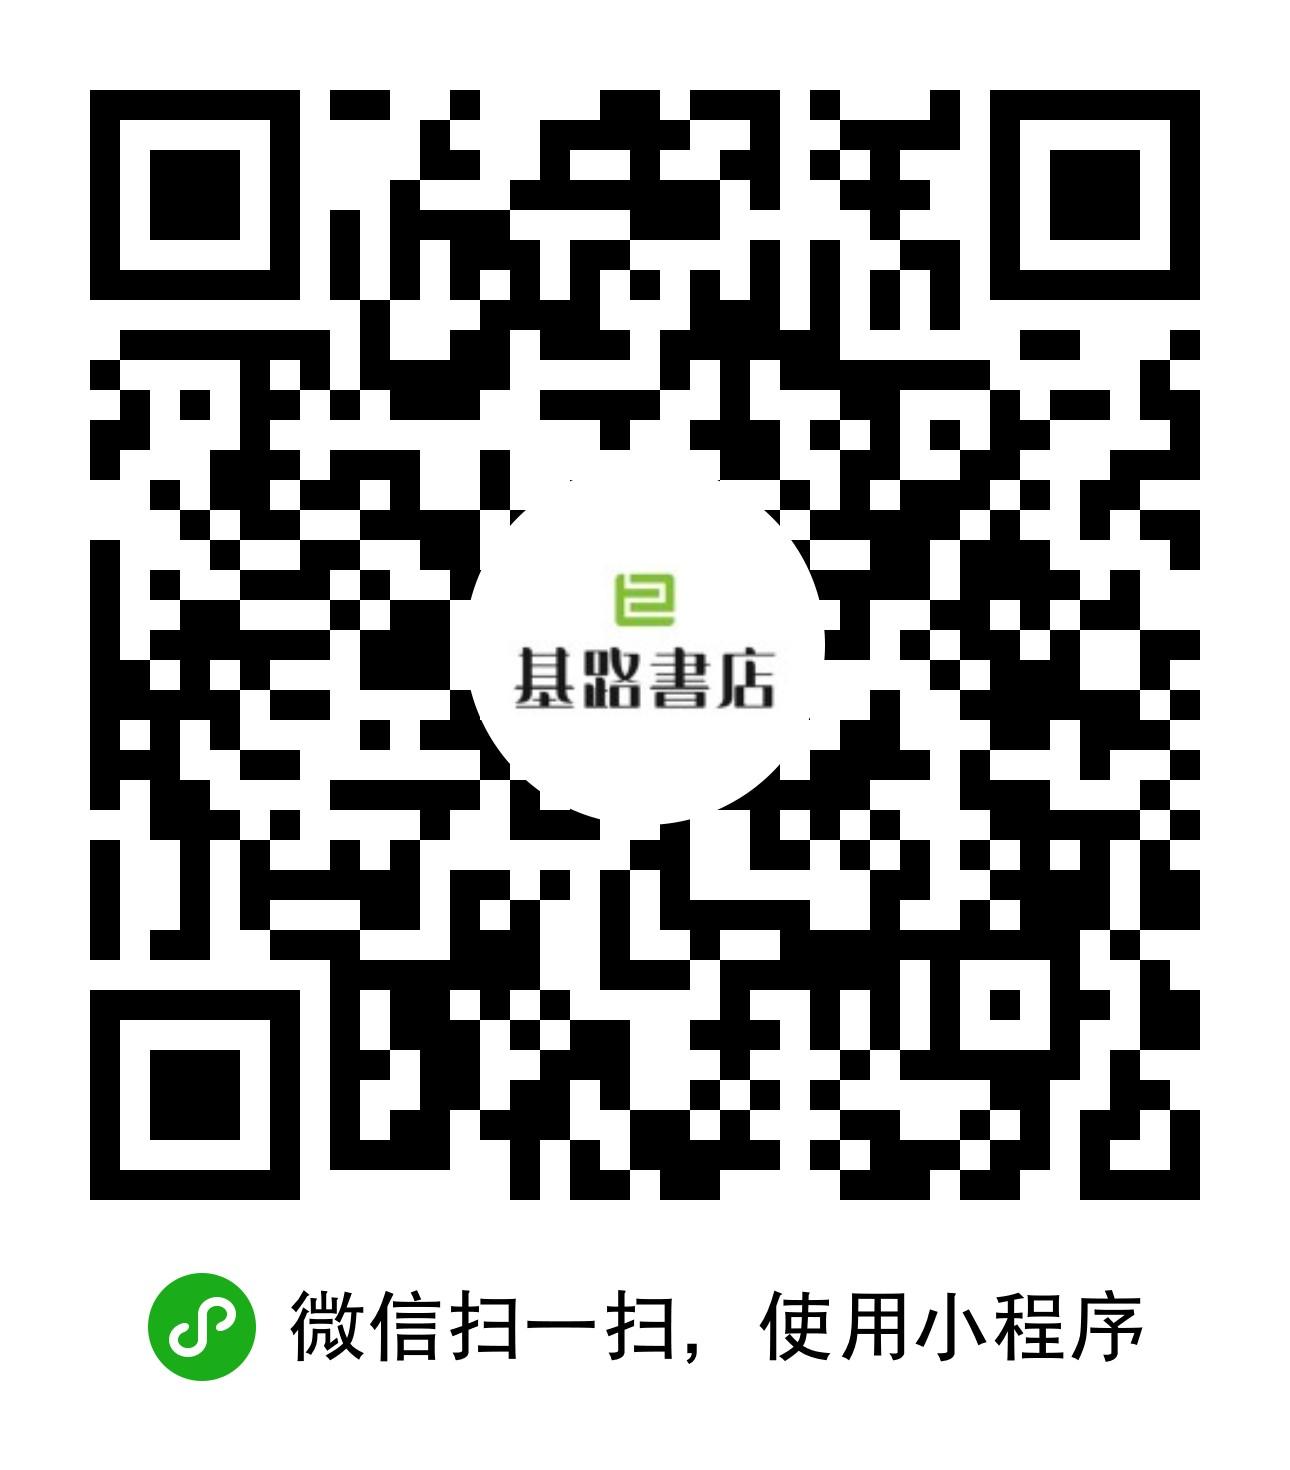 基路书店jilu小程序二维码